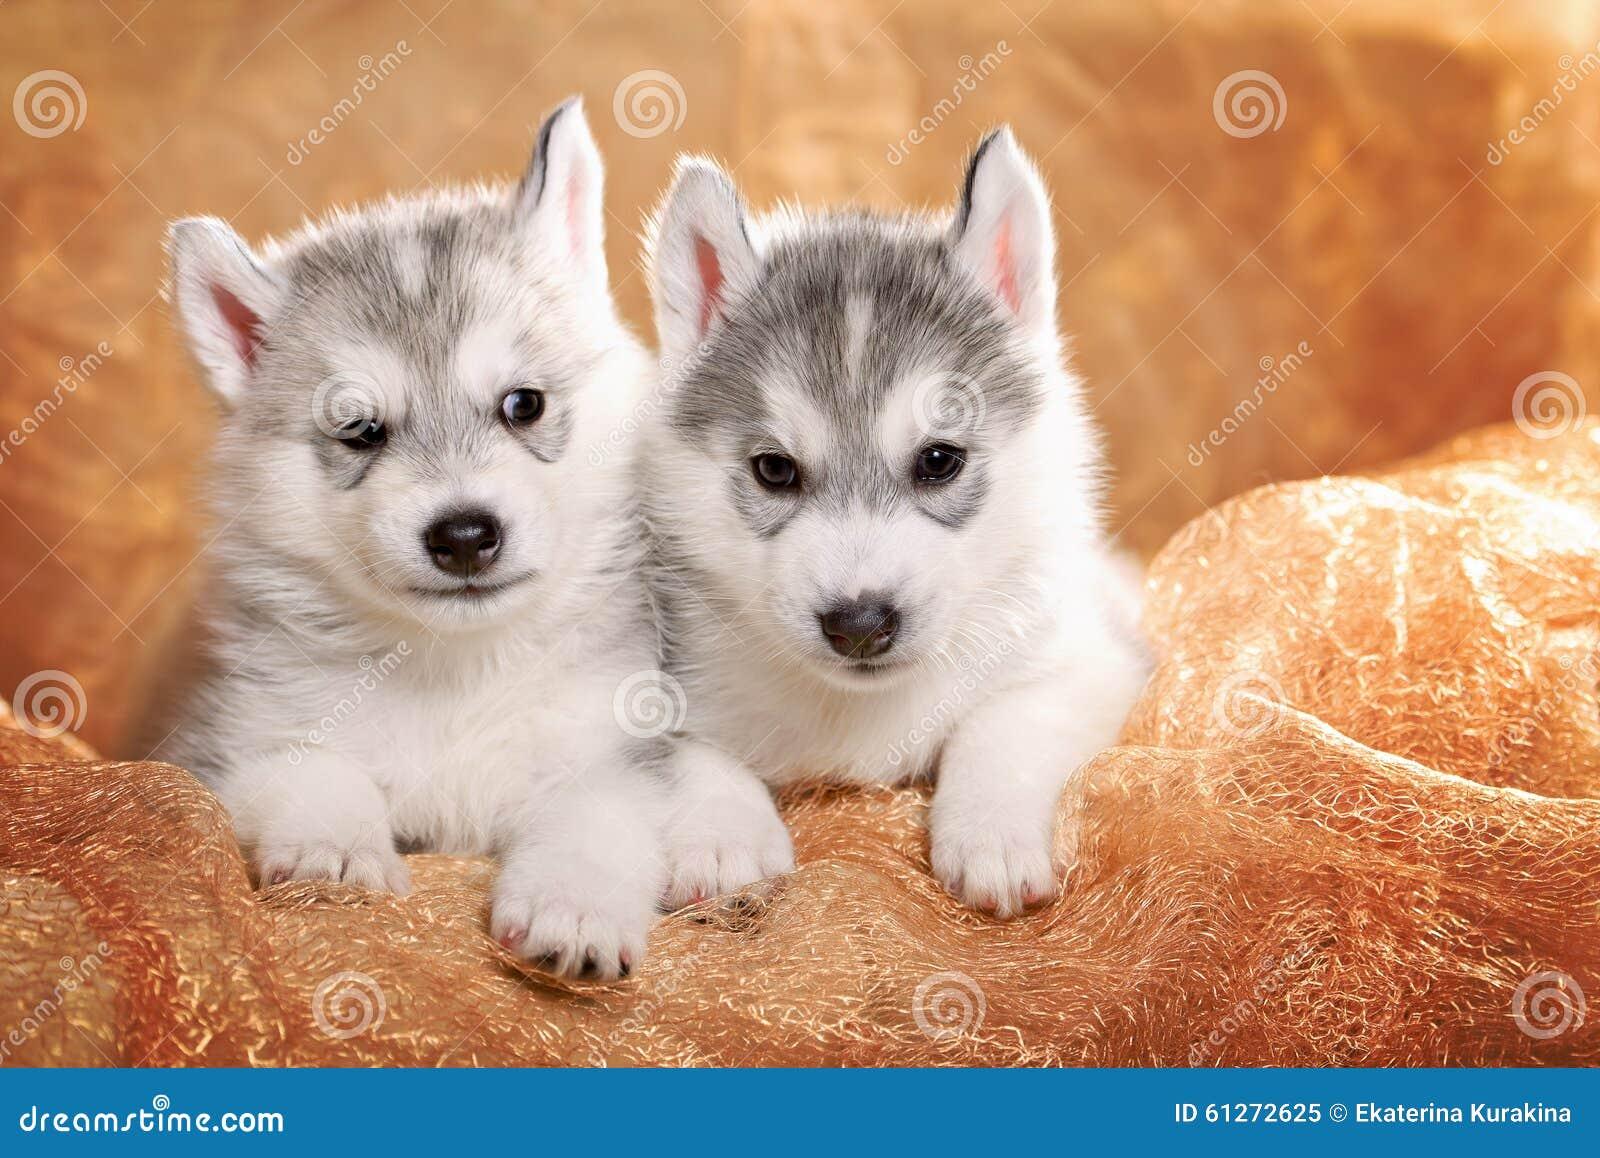 смотреть картинки про щенят